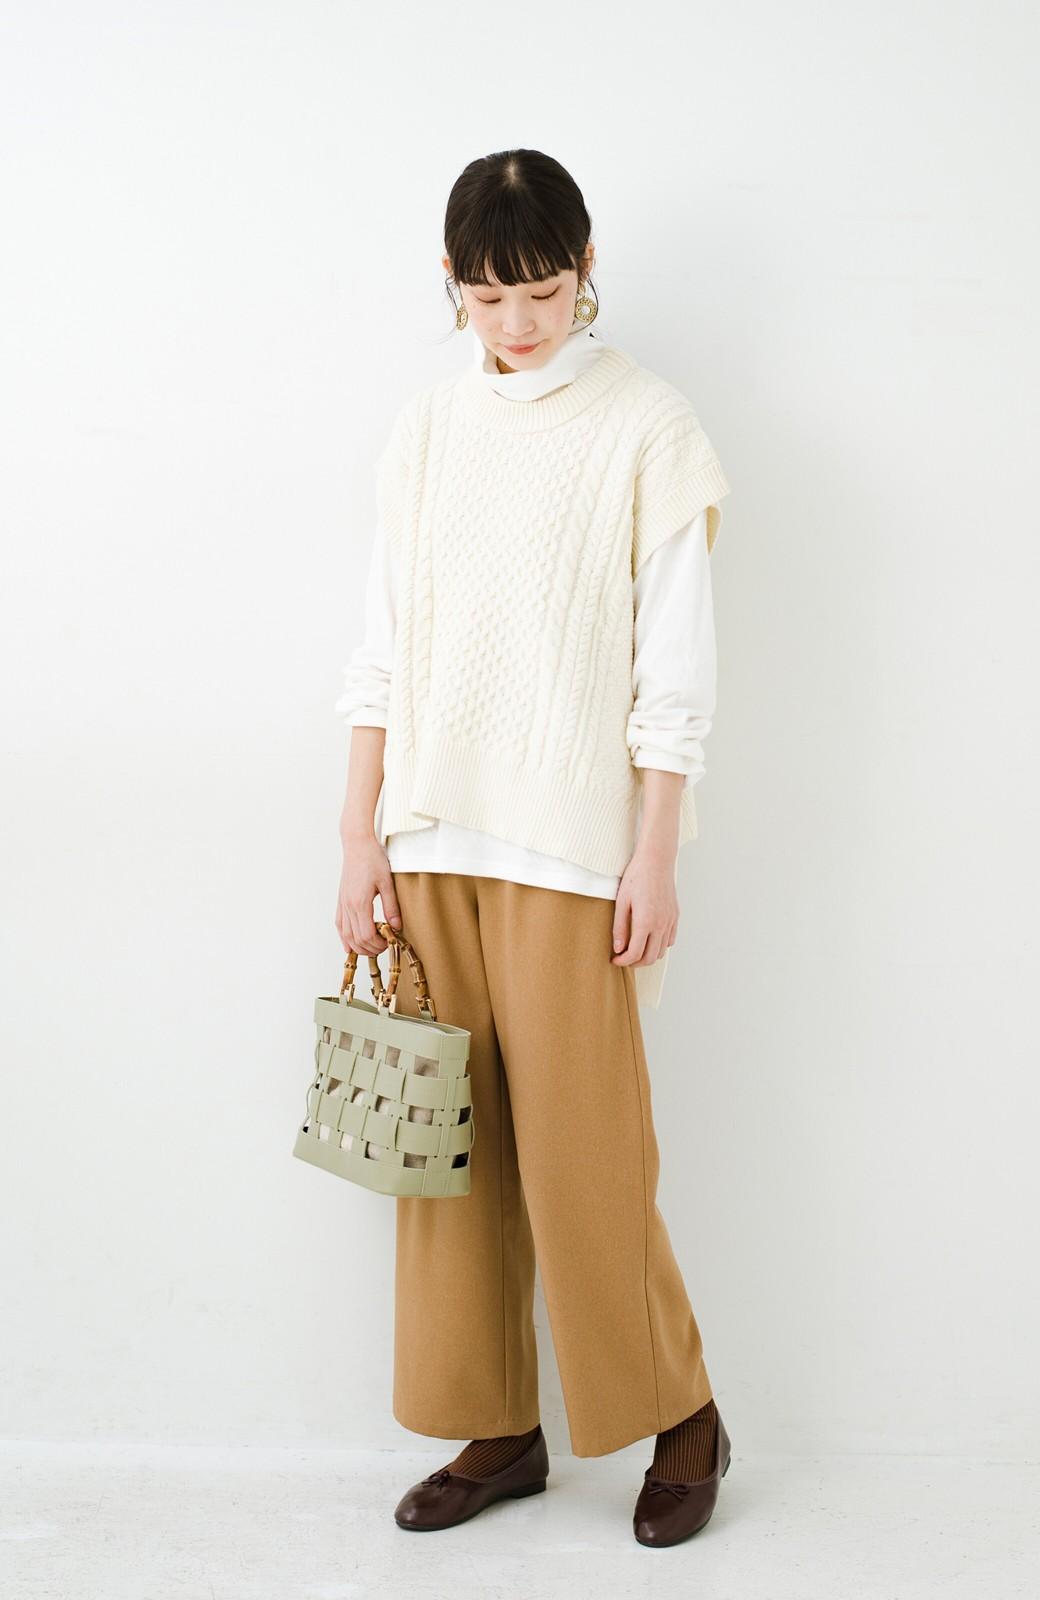 haco! ワンピースやシャツに重ねるだけであっという間に今っぽくなれるケーブル編みニットベスト <アイボリー>の商品写真15